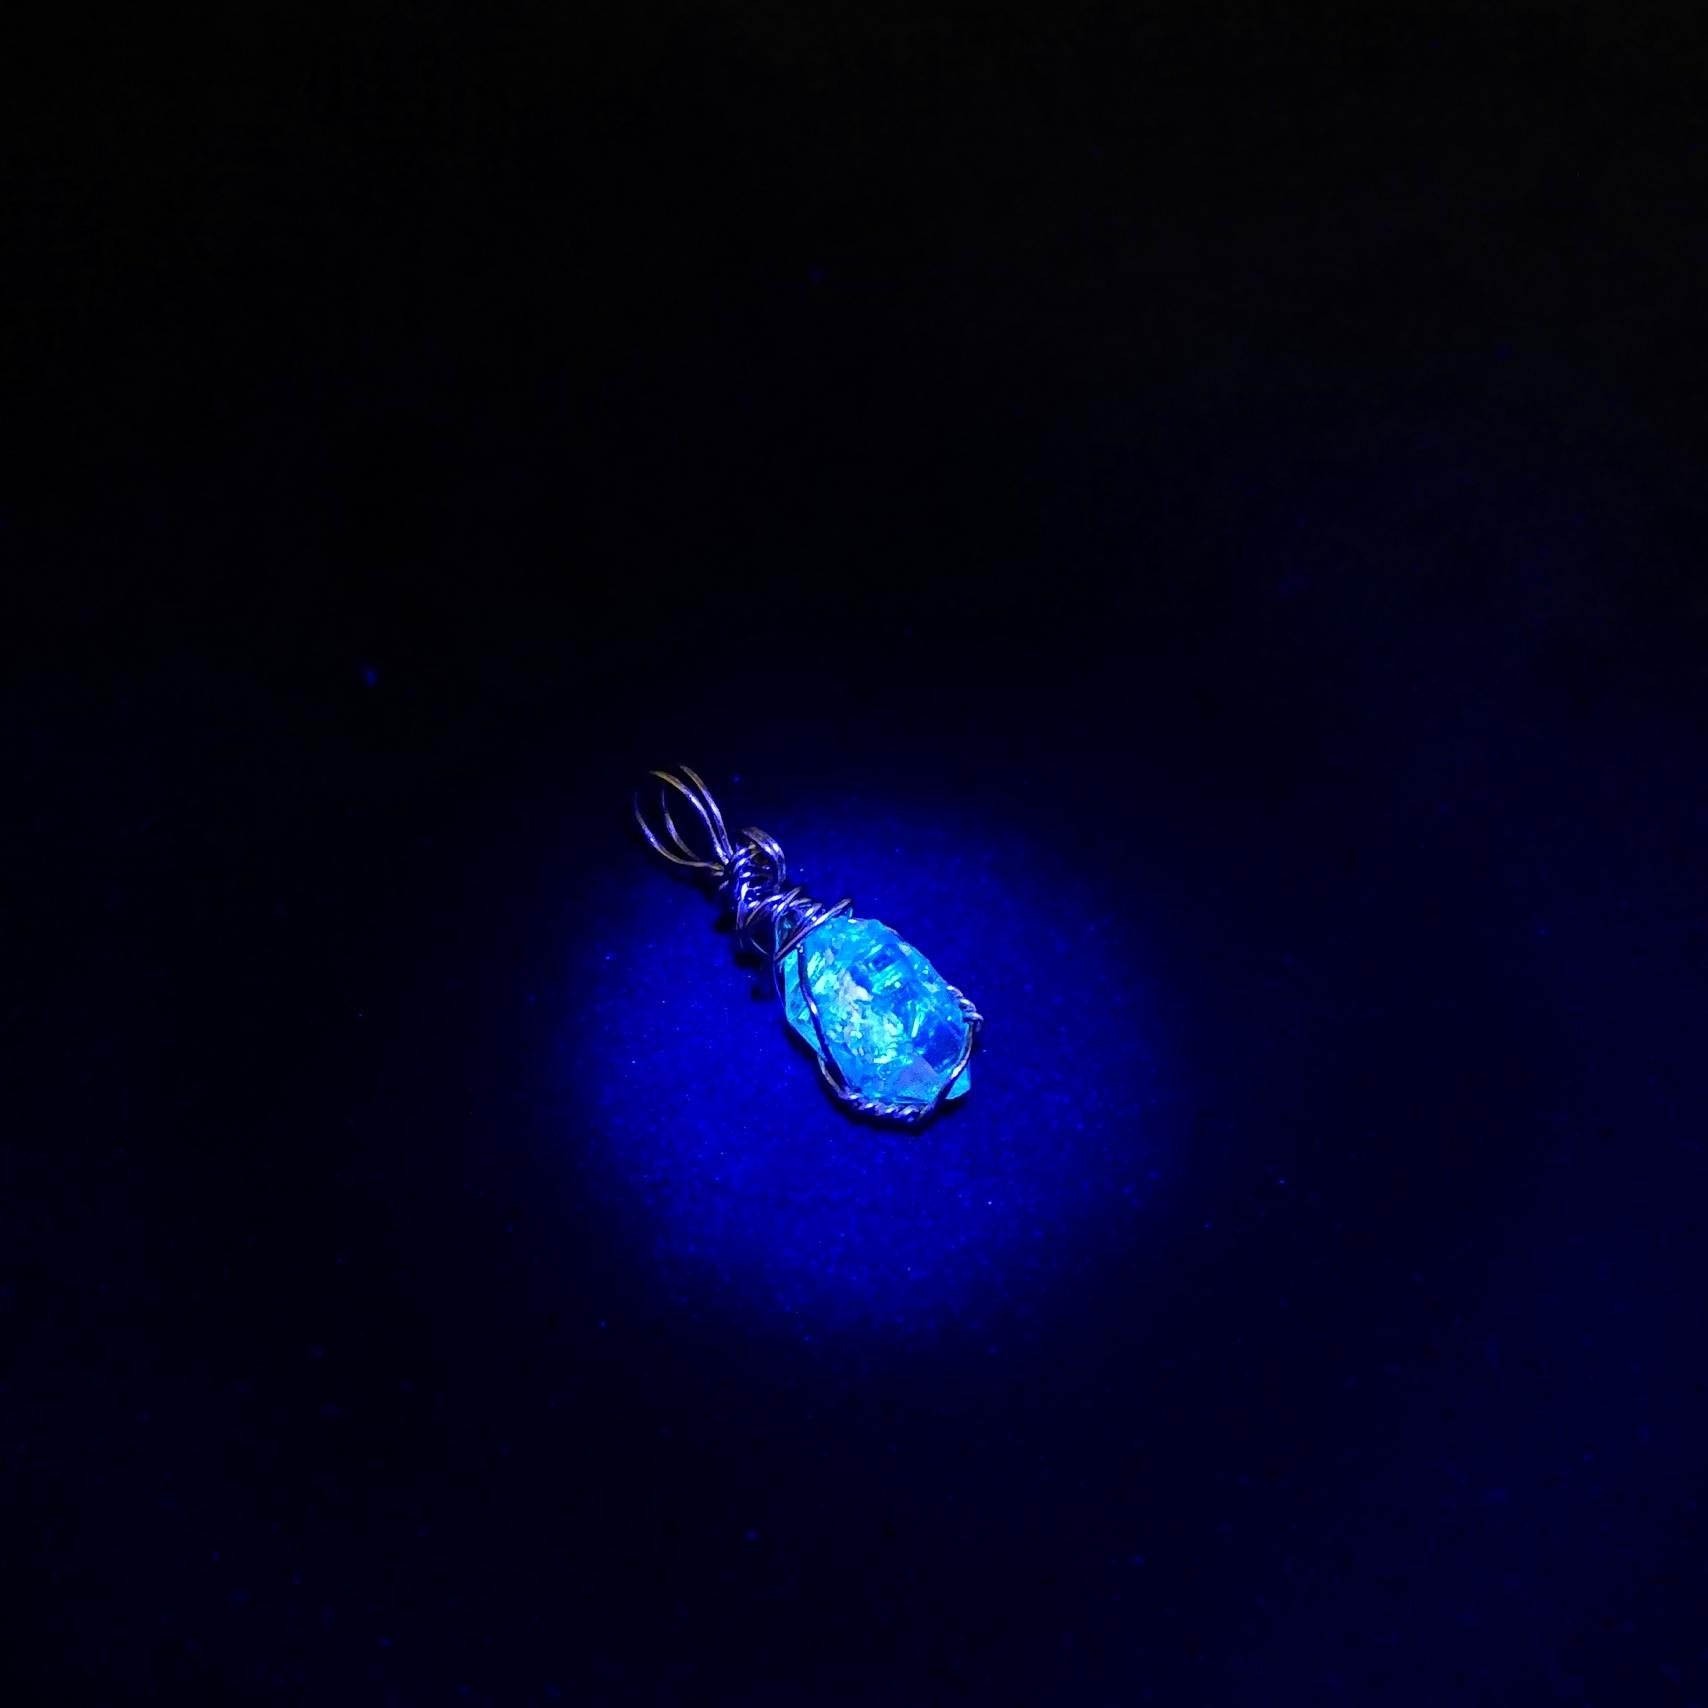 ダイヤモンド ネックレス 一粒 ジュエリー ダイヤモンドクオーツ ハーキマーダイヤモンド オイル入り